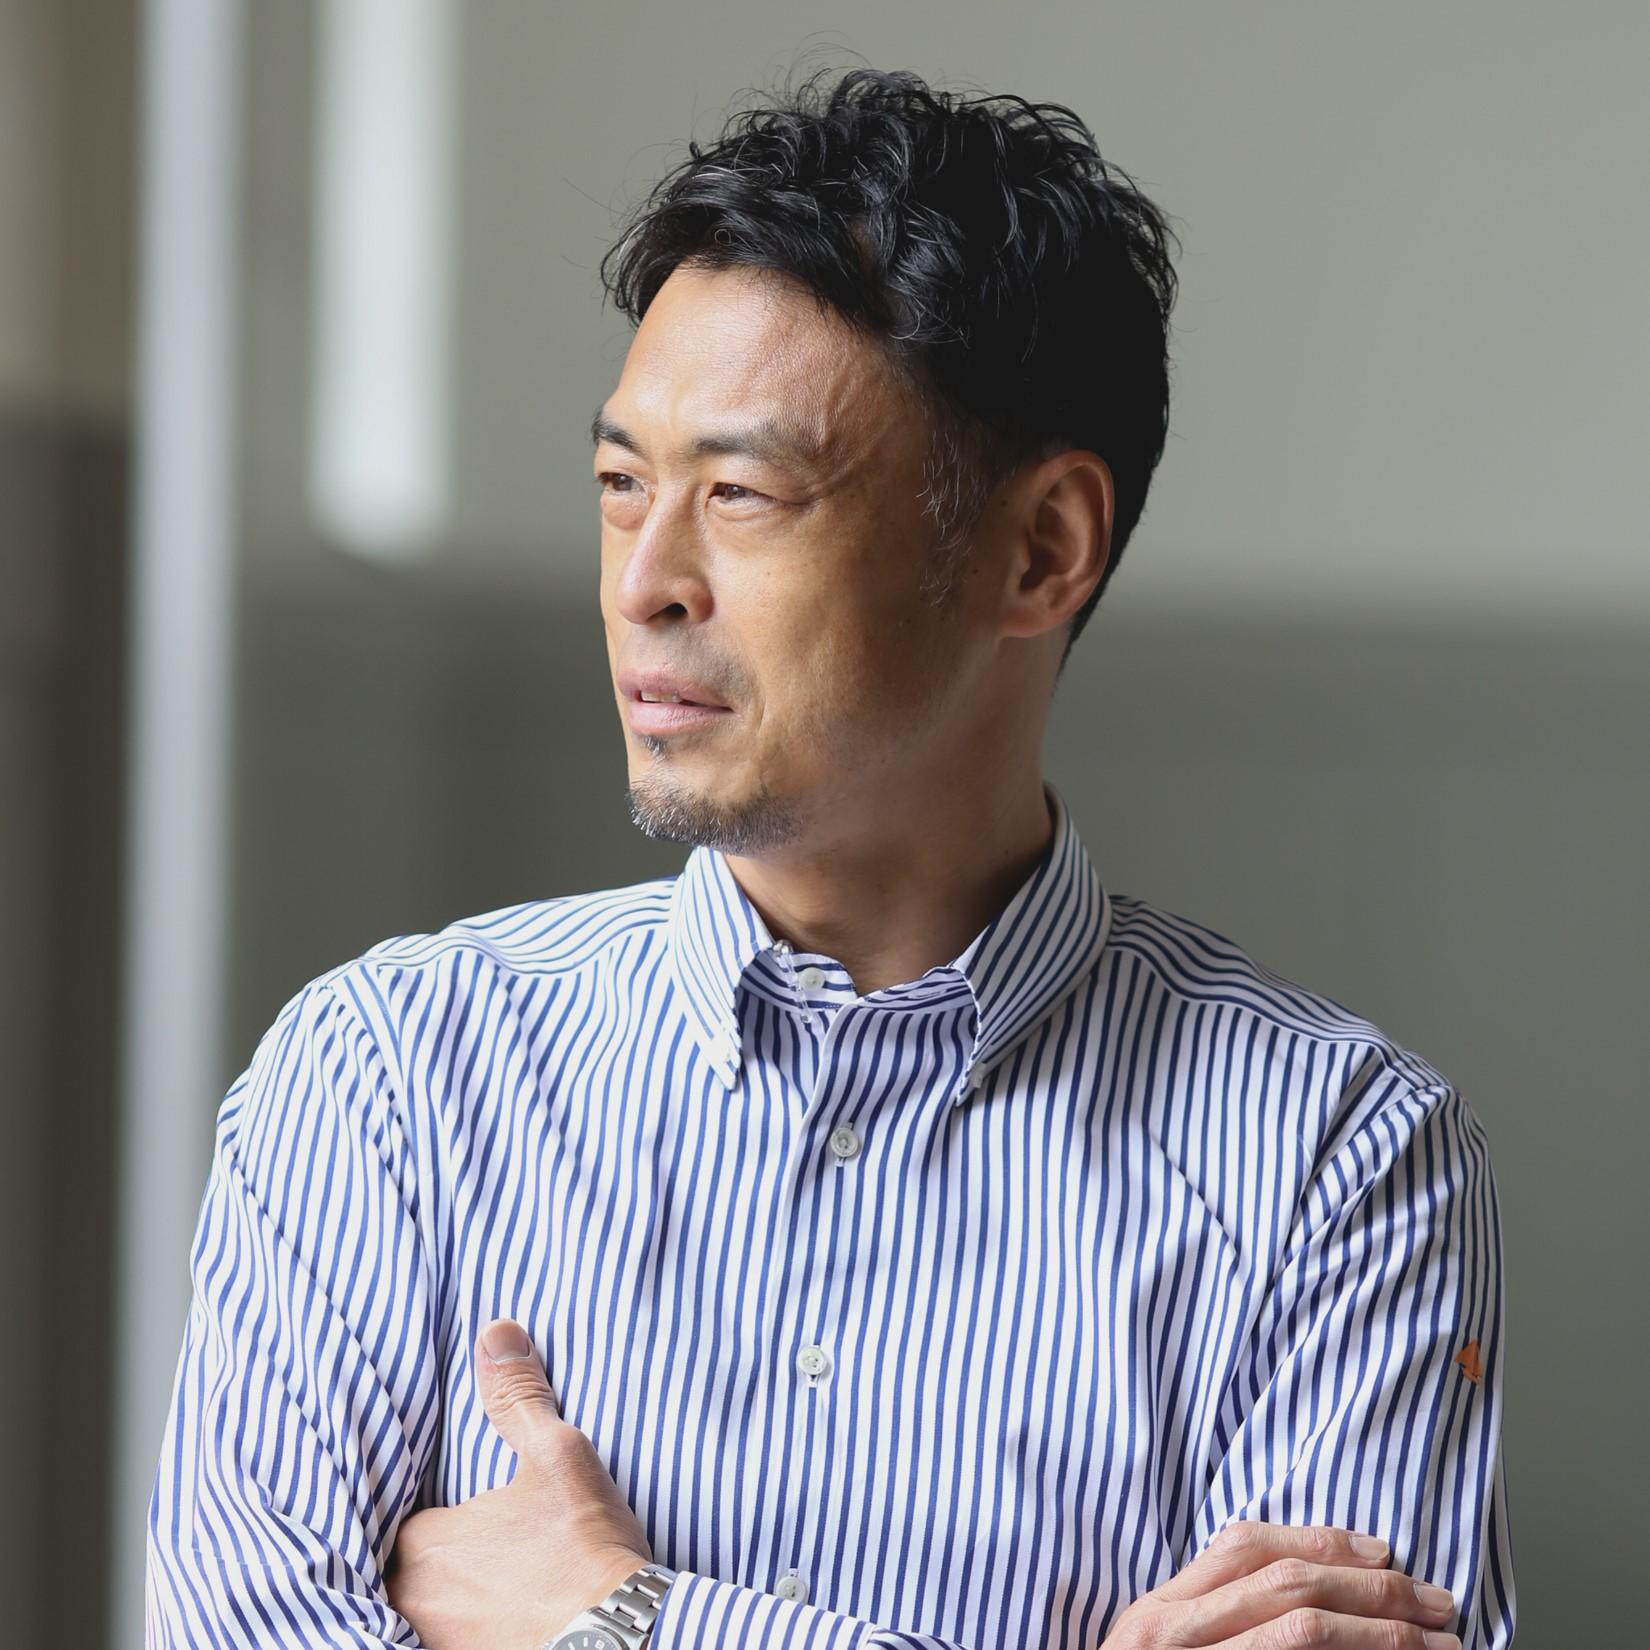 【11月29日開催】日曜講演「ラグビーを通して考える『言葉と平和』」平尾 剛 師